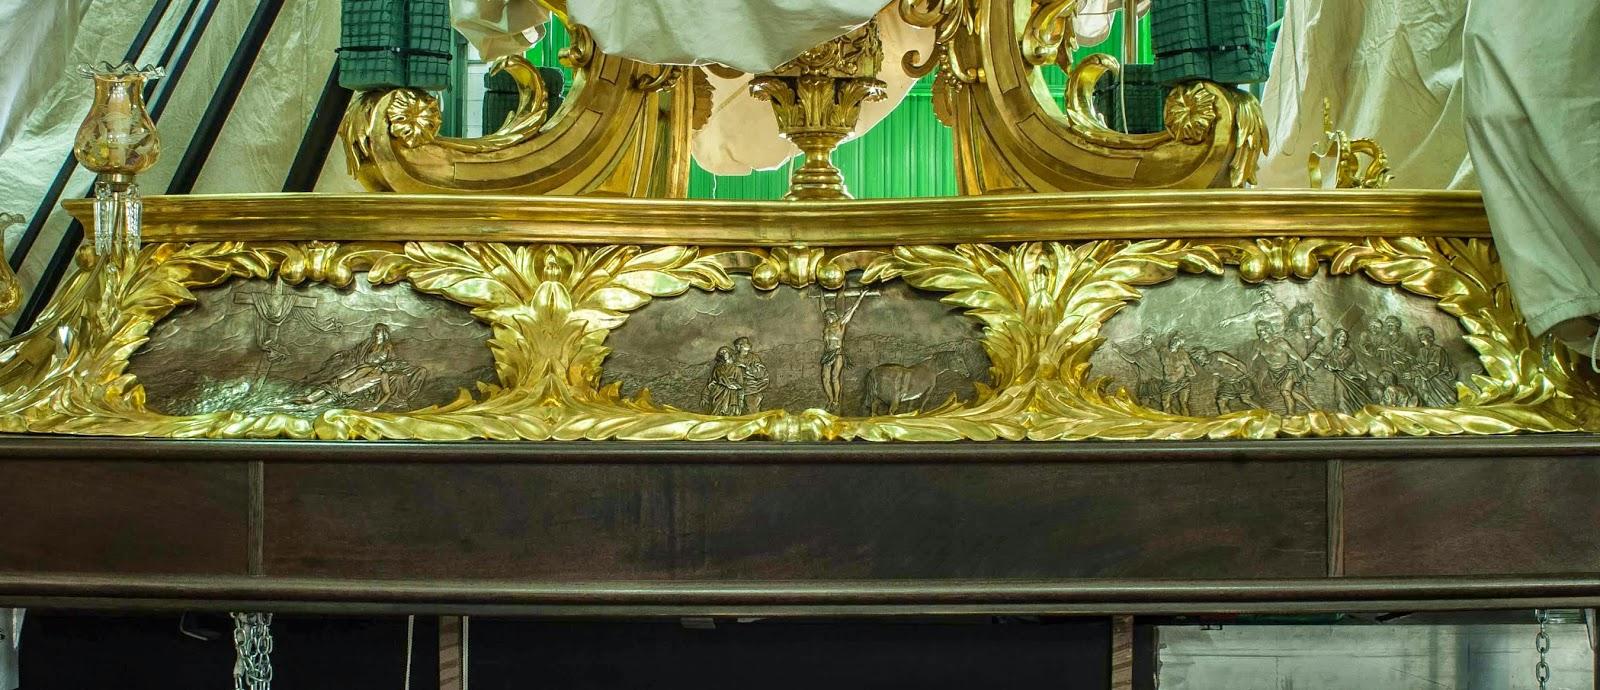 Trono Soledad Semana Santa Cartagena Murcia Arturo Serra escultura 8